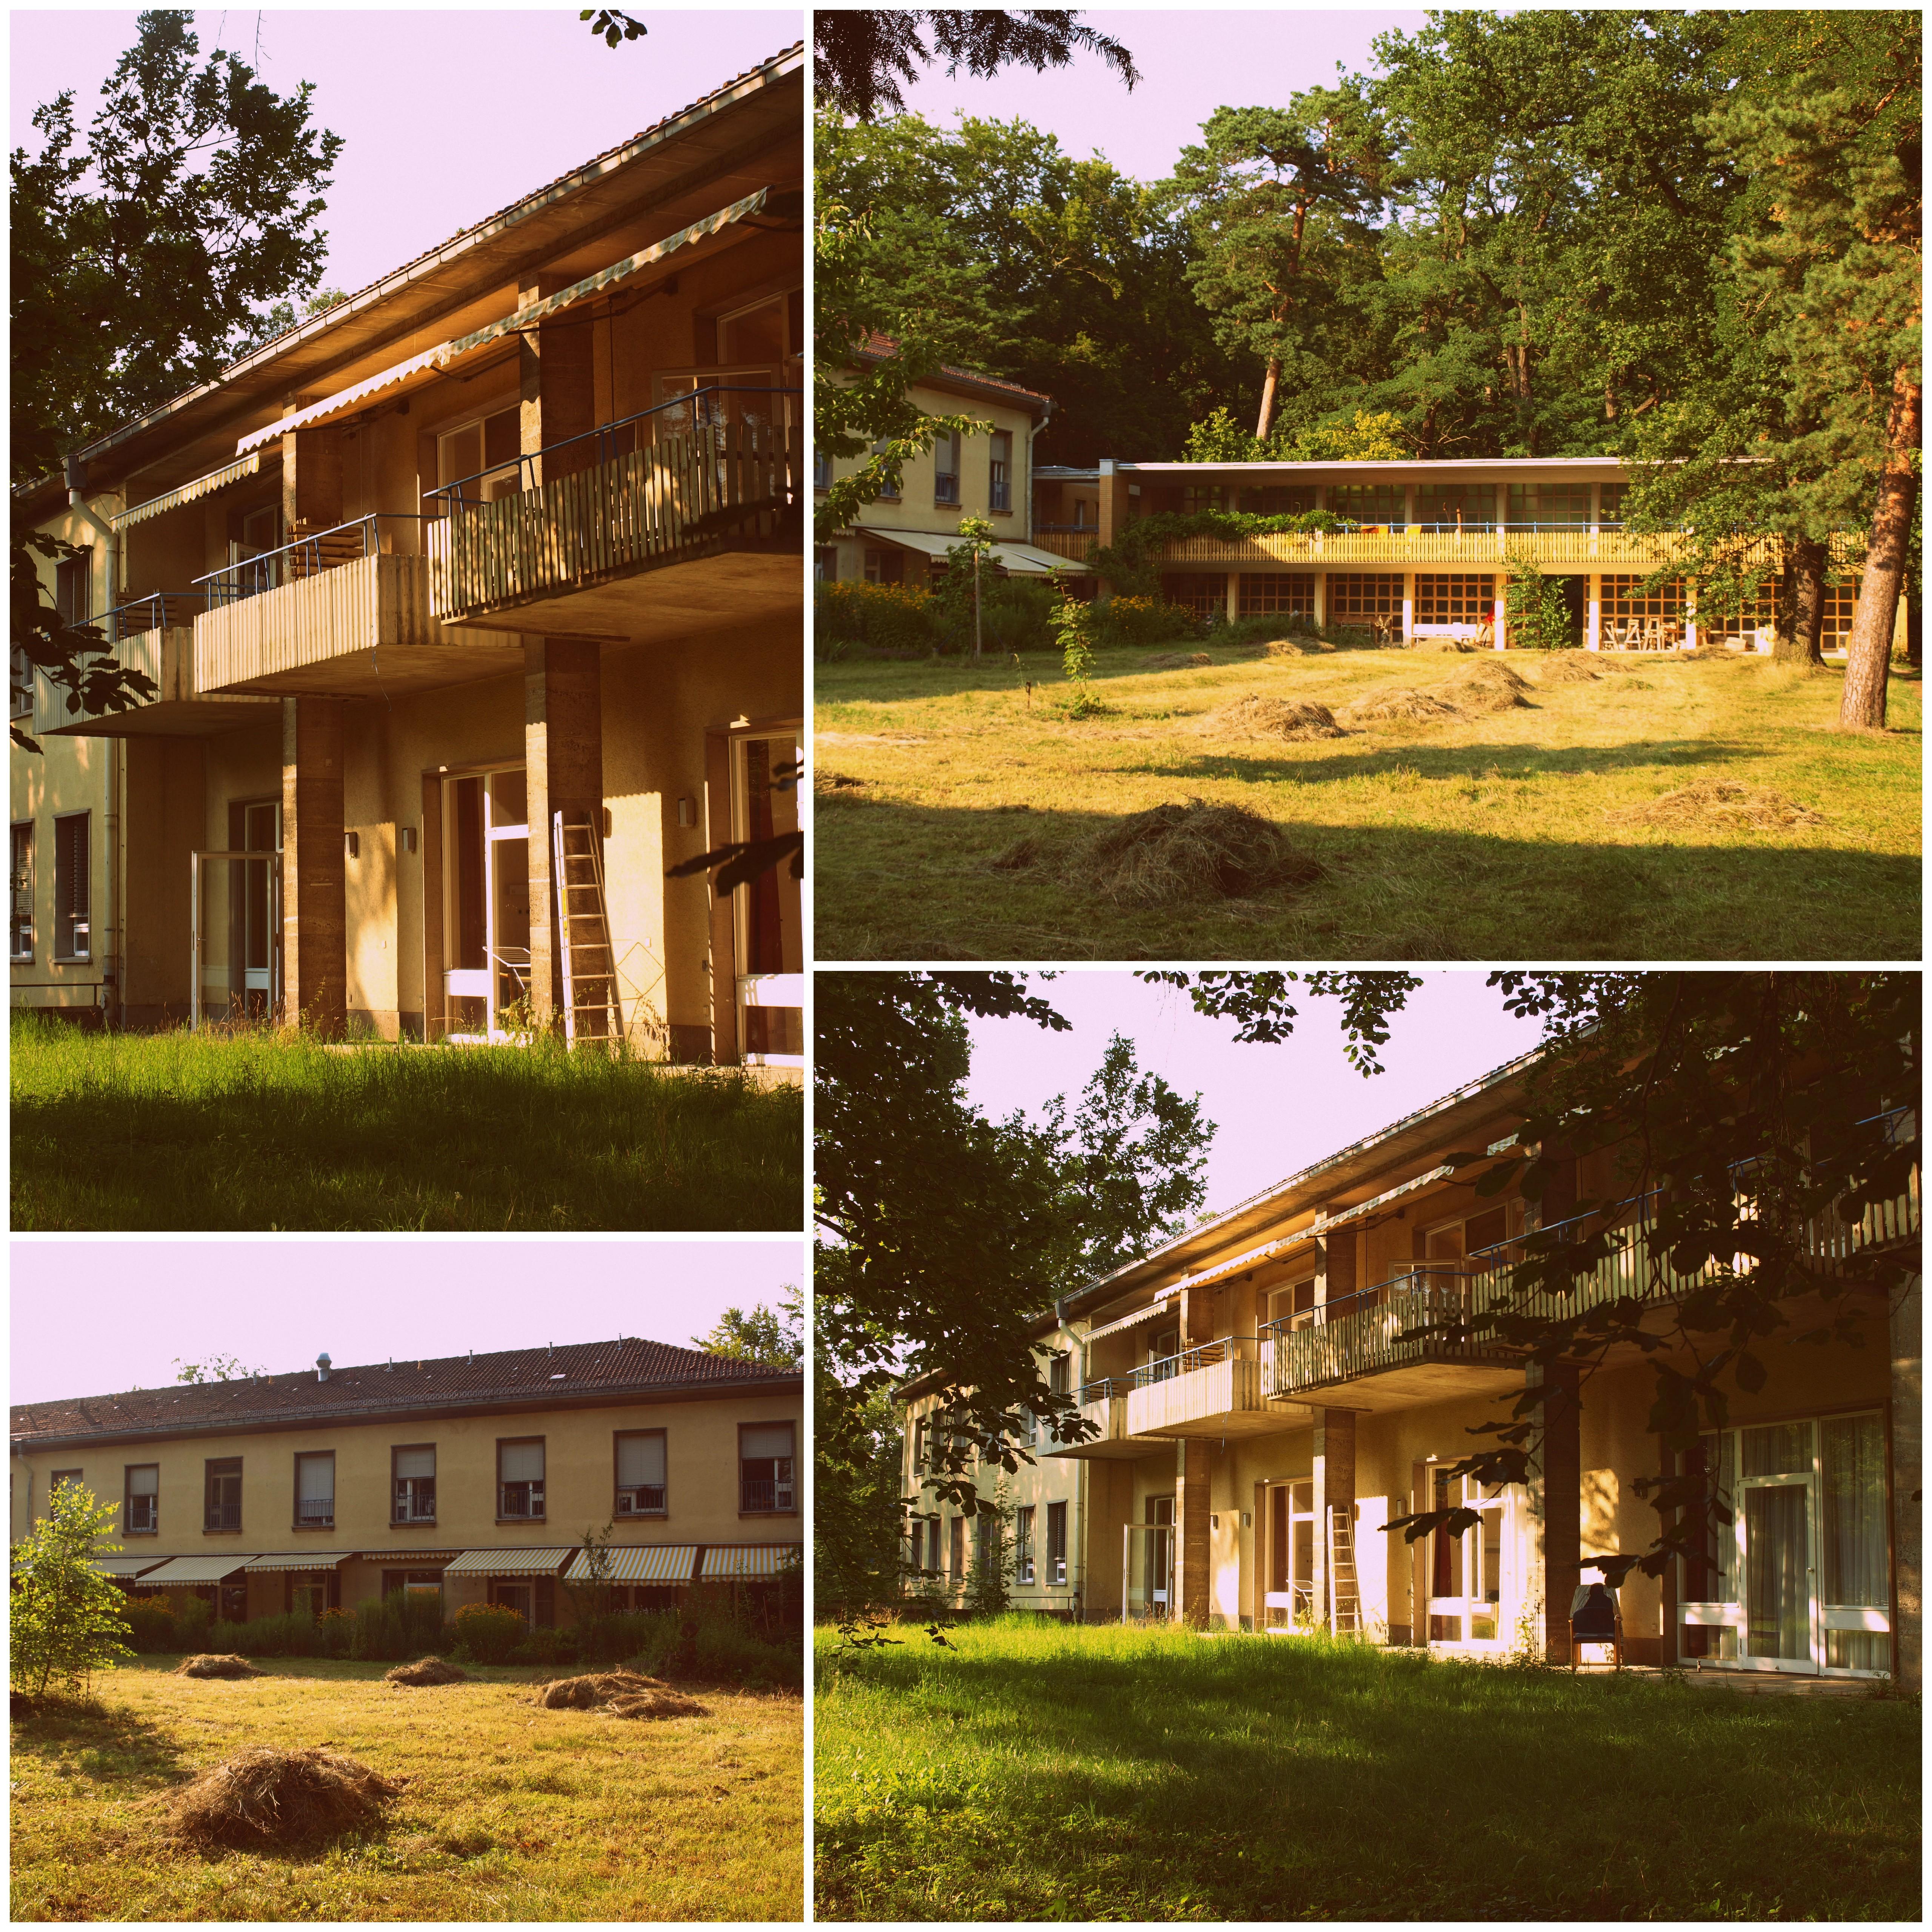 Schullandheim in den 80ern oder Jugendherberge in den 60ern?